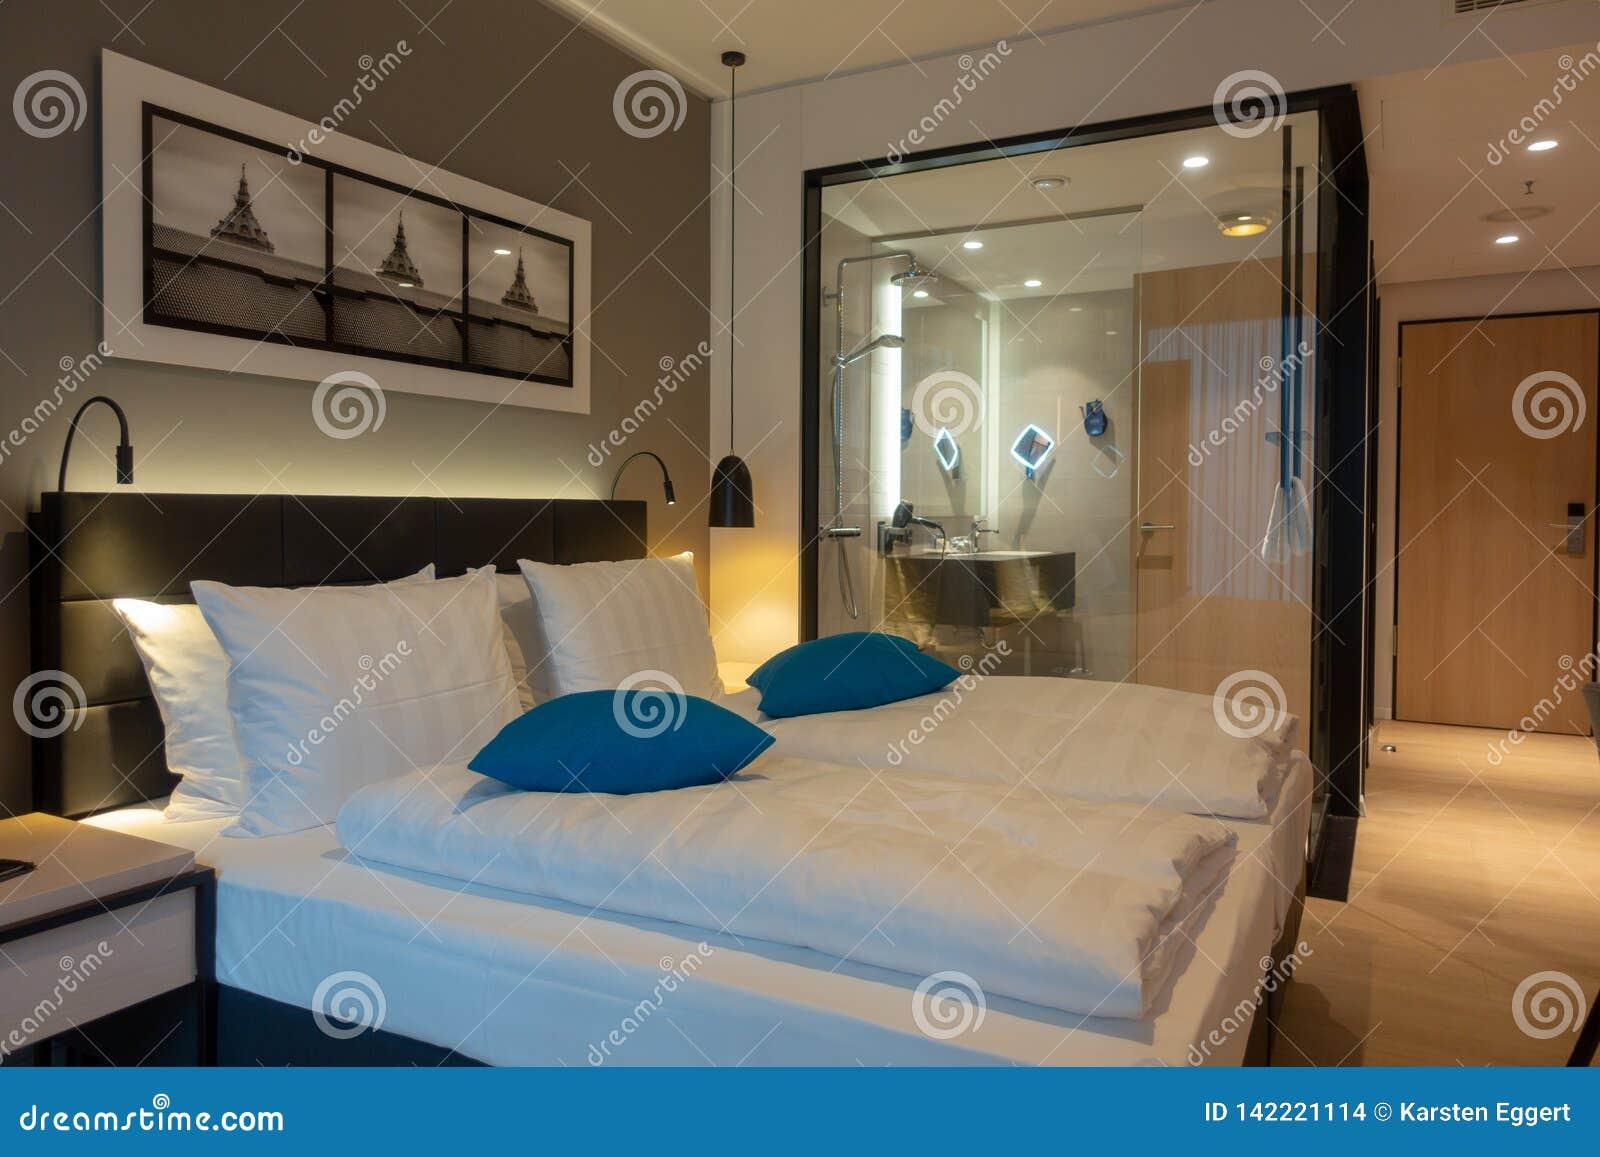 Двуспальная кровать в роскошном гостиничном номере